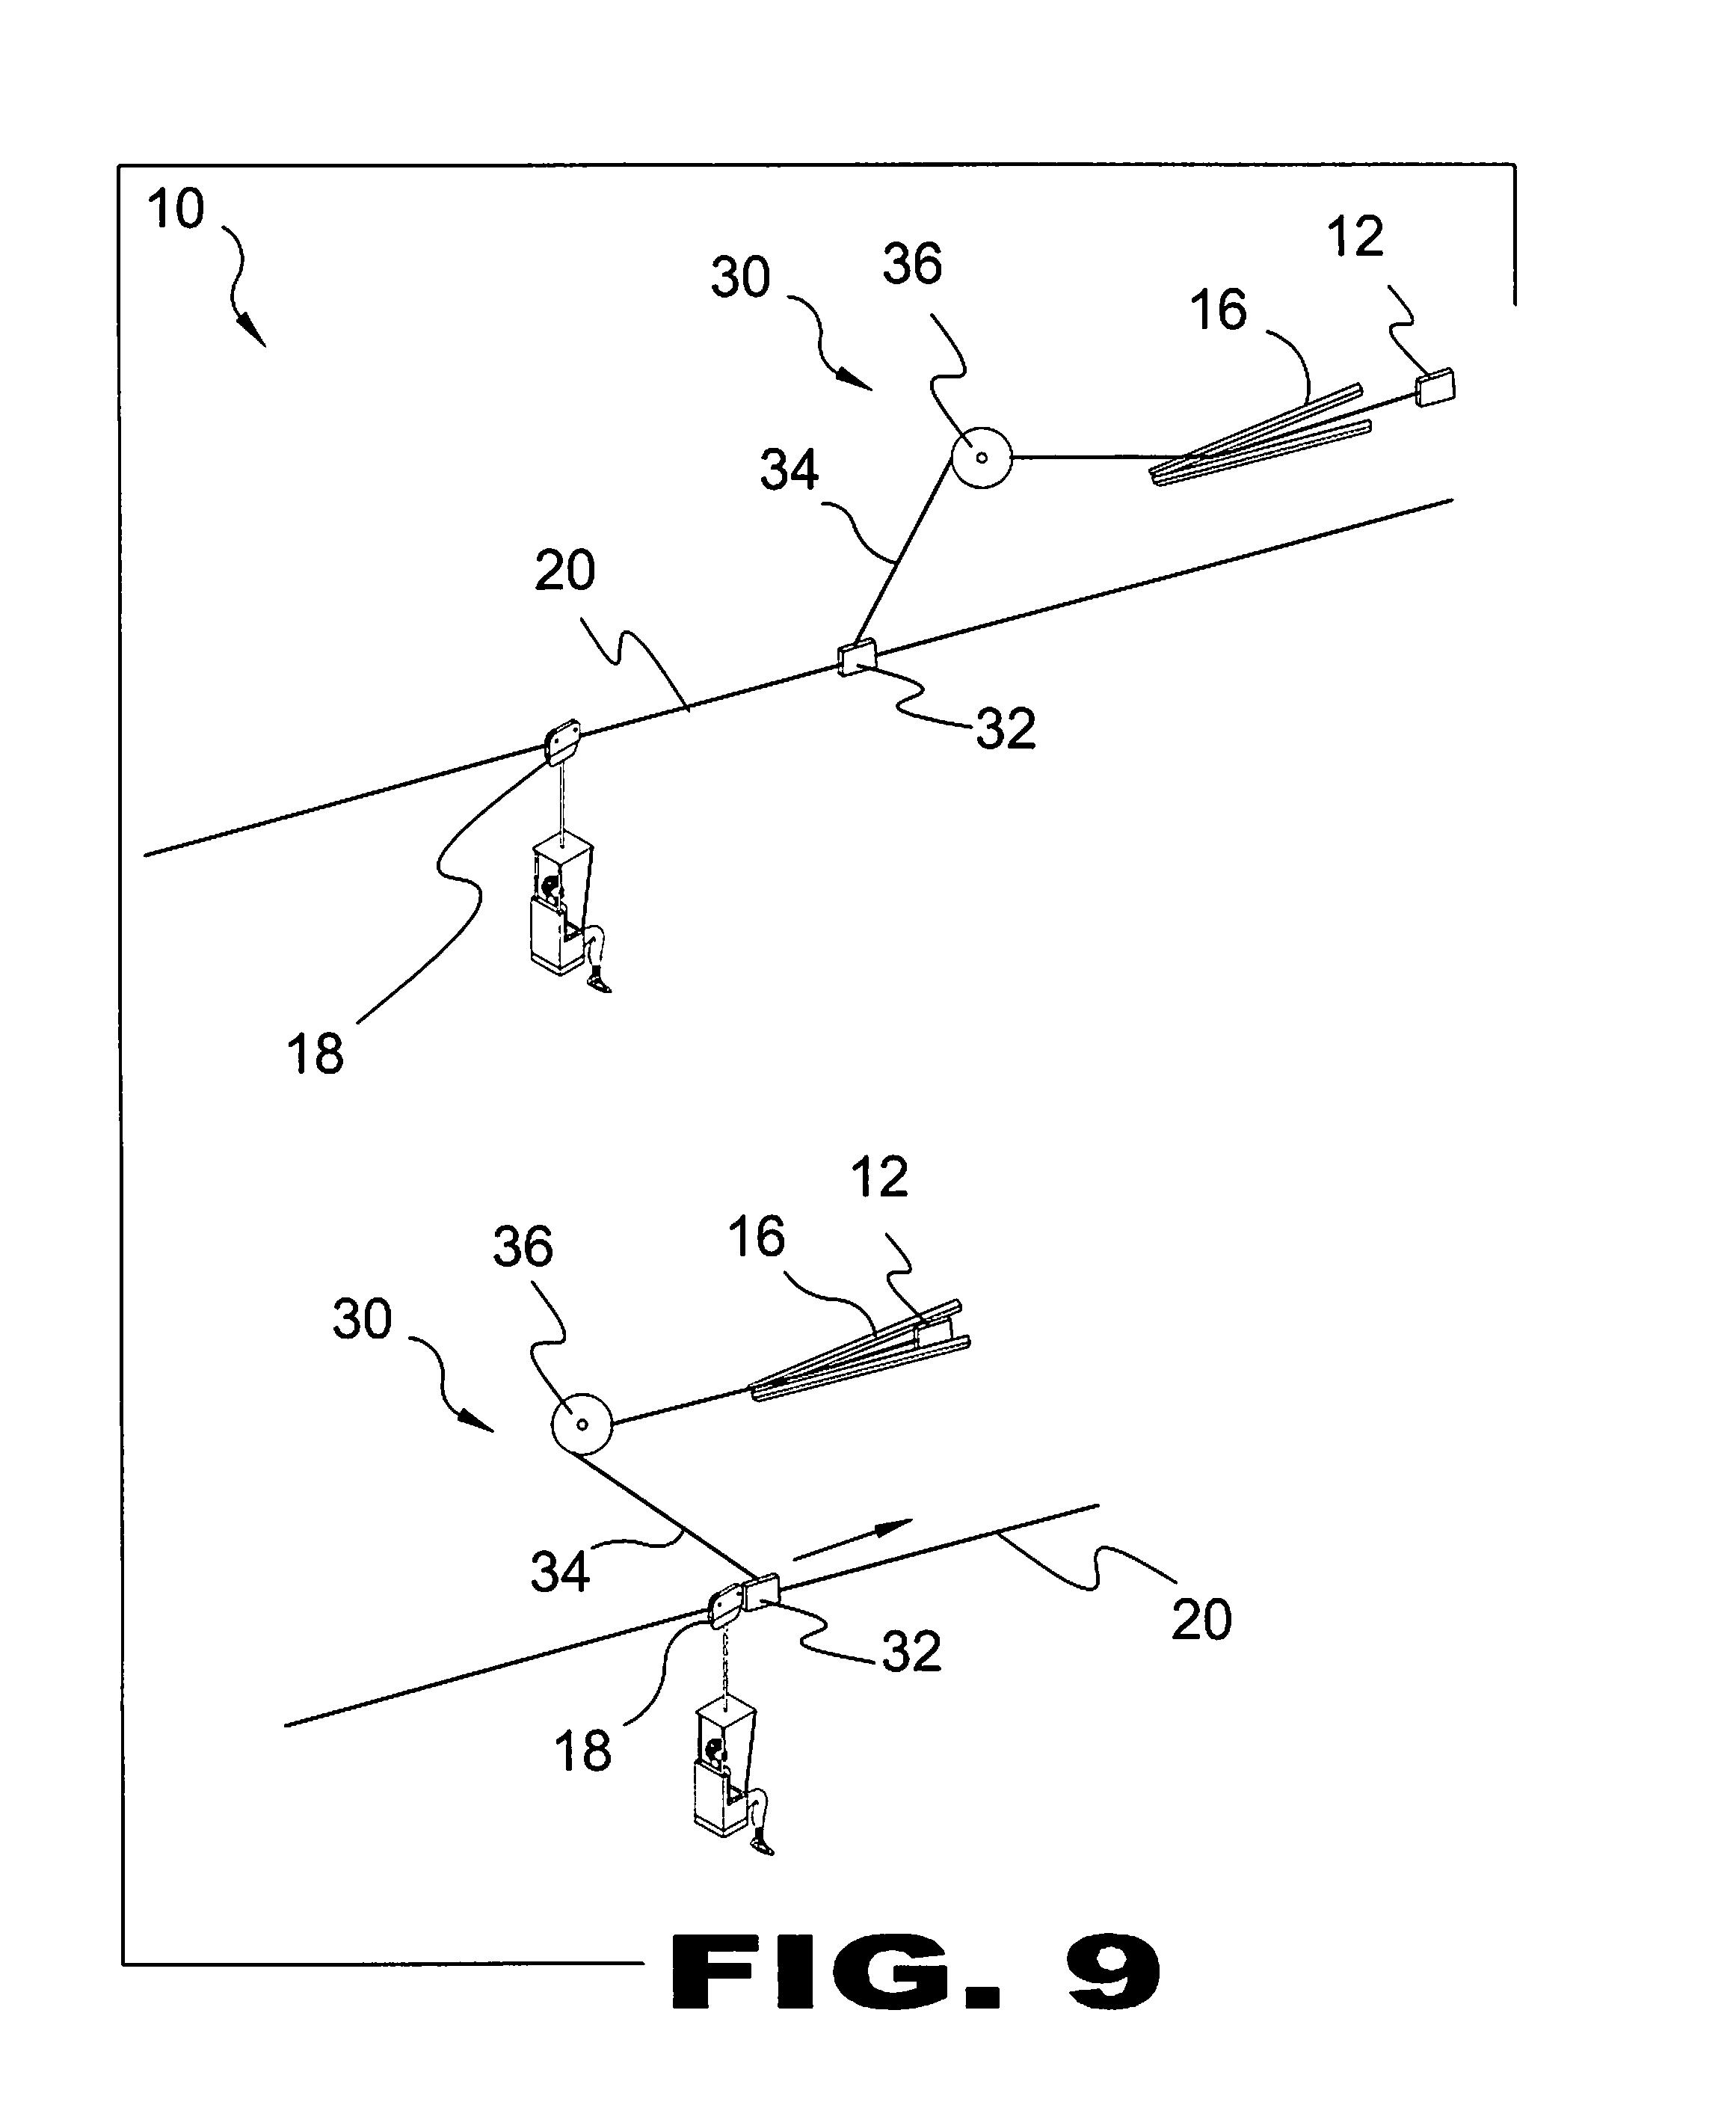 Line Drawing Zip : How to draw zip line